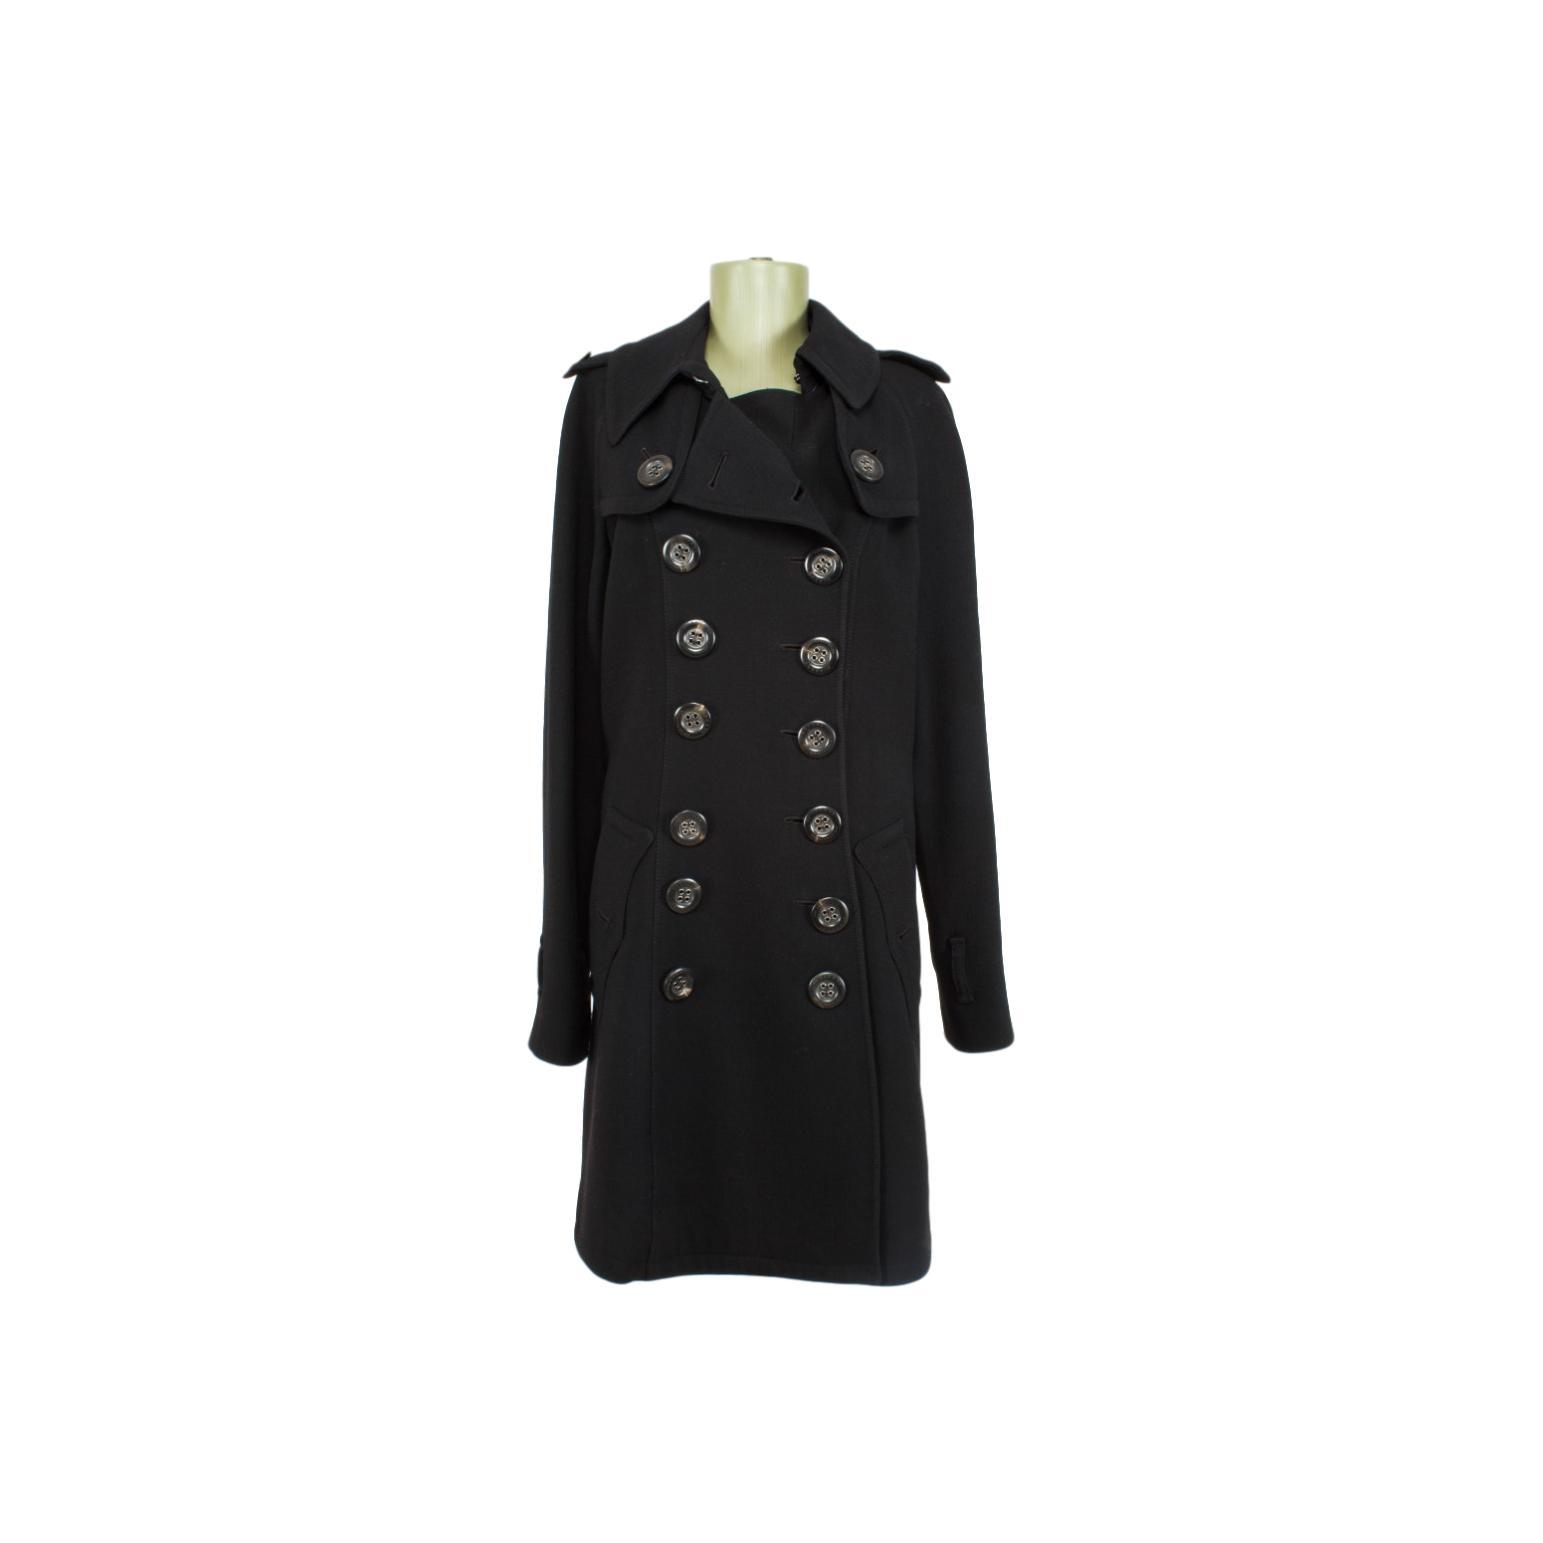 Купить пальто Burberry за 16960 руб. в интернет магазине - бутике с ... d937161fa21bf